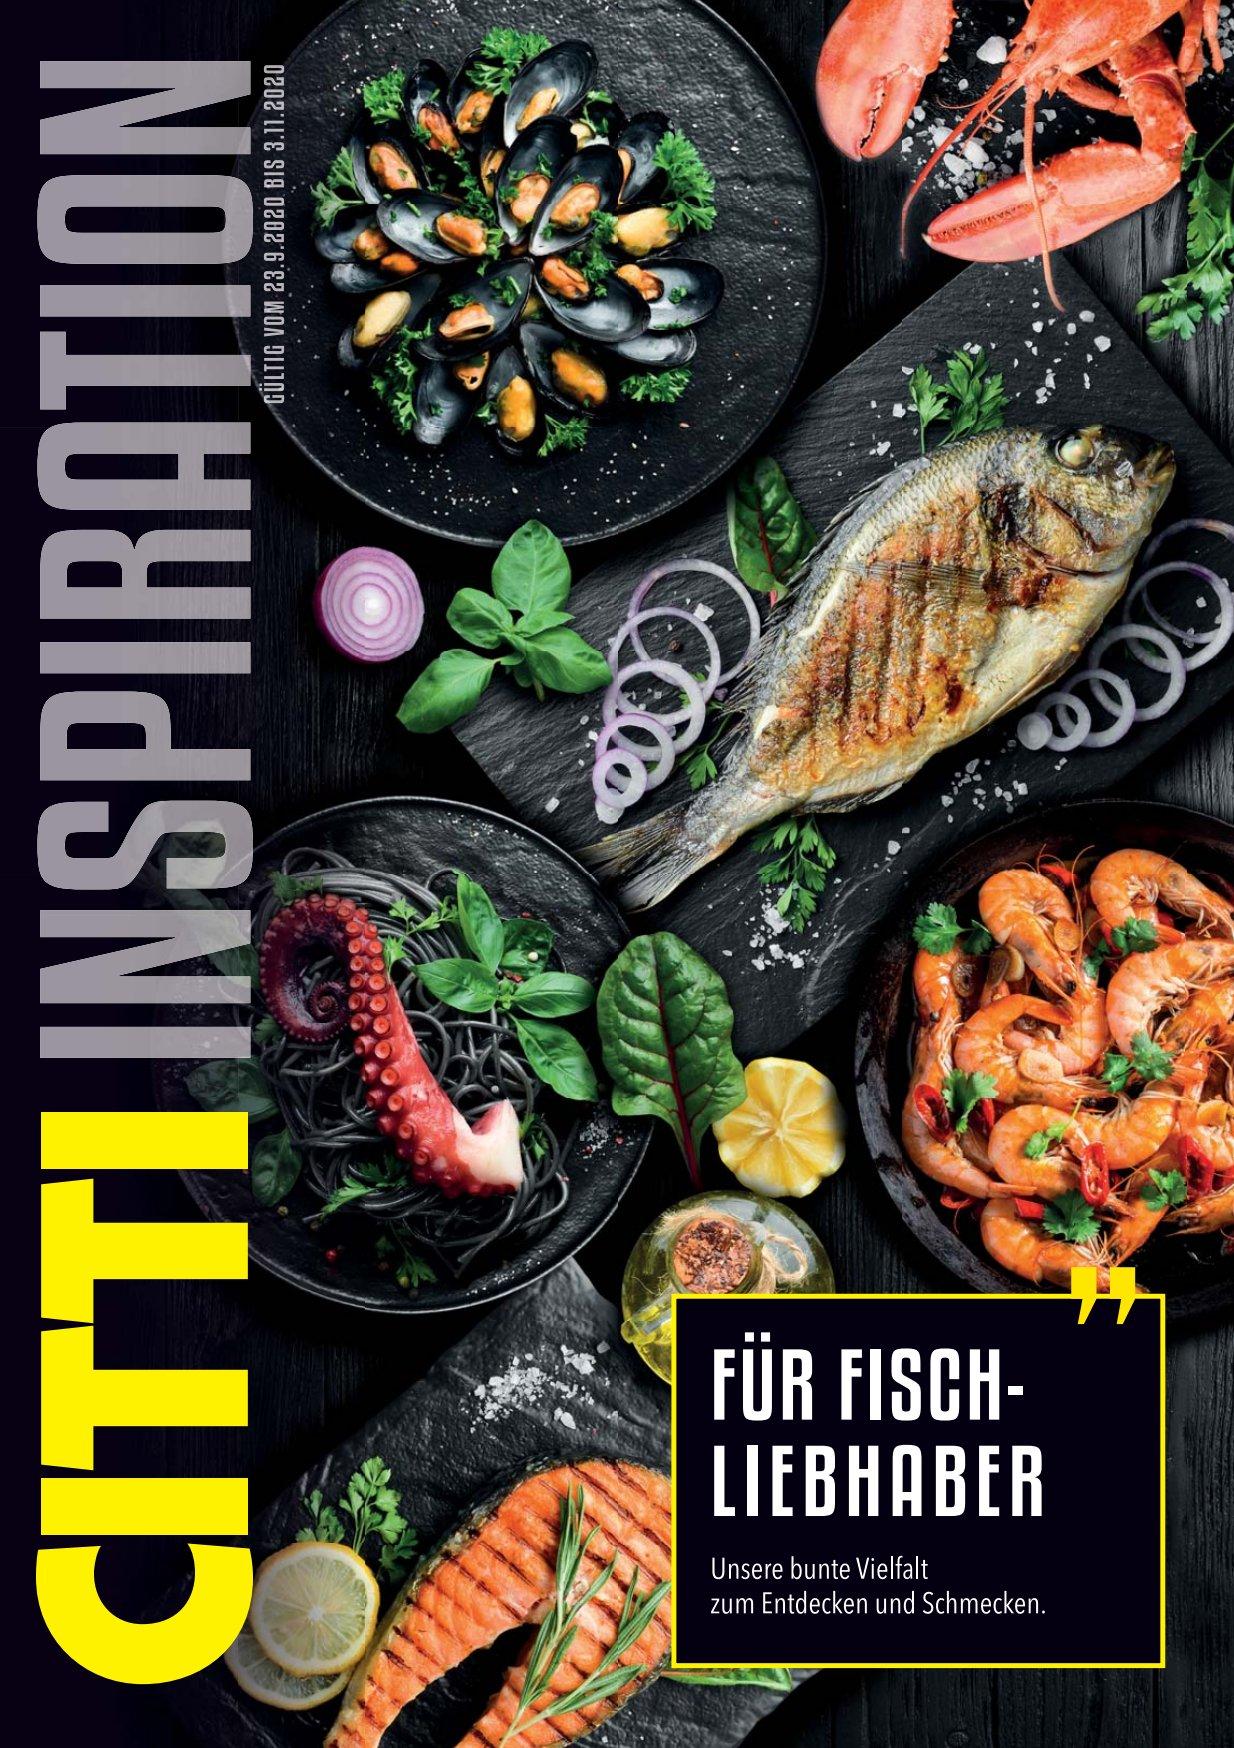 CITTI INSPIRATION Fisch